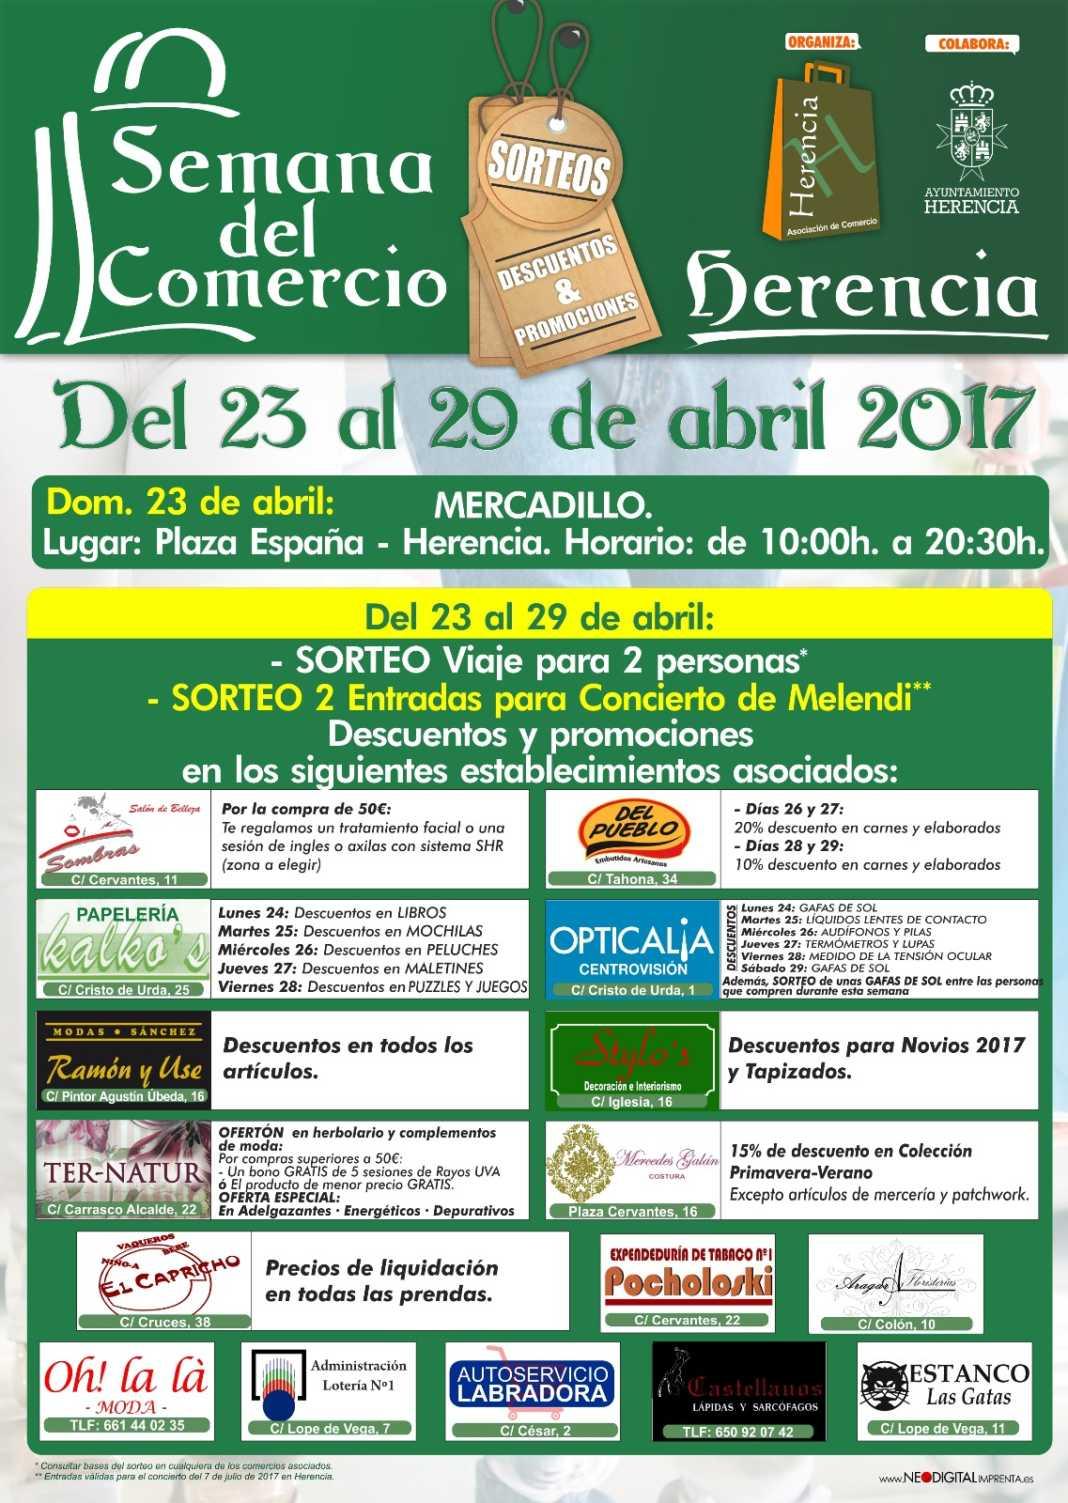 Semana del Comercio en Herencia. Del 23 al 29 de abril. 2